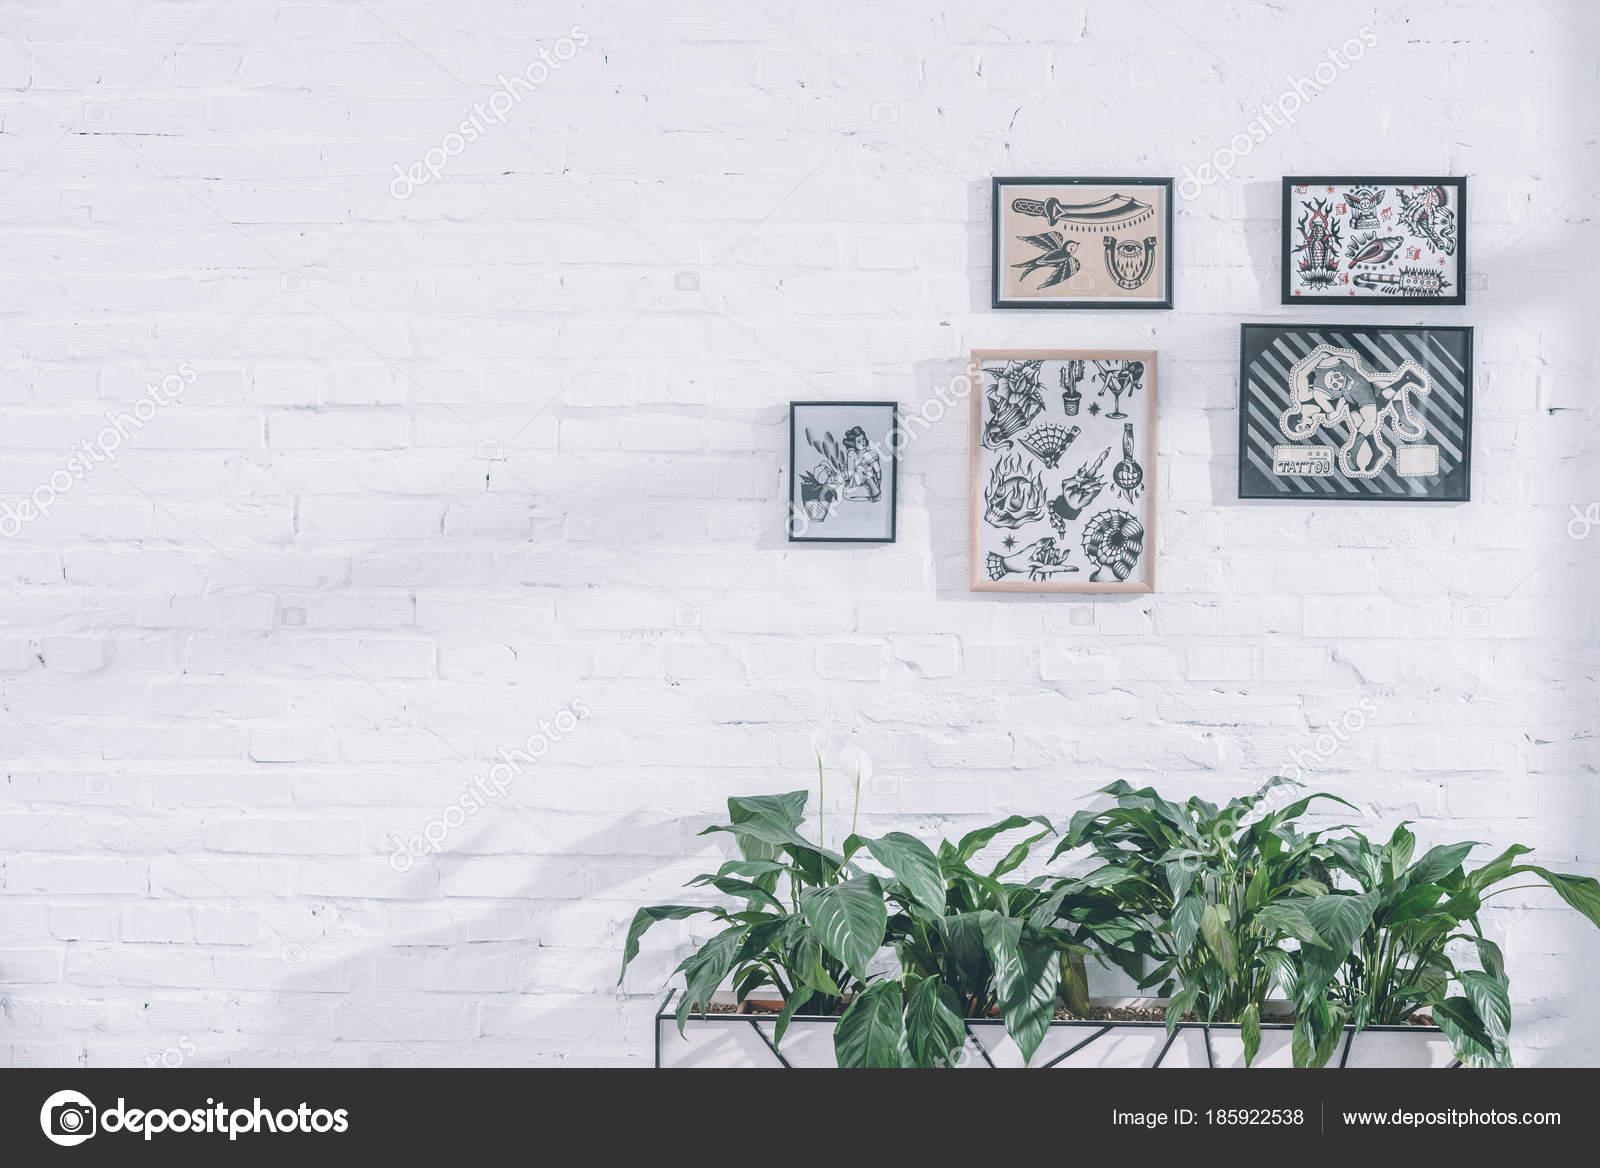 Wzory Tatuaży Ramkach Nowoczesne Studio Zdjęcie Stockowe